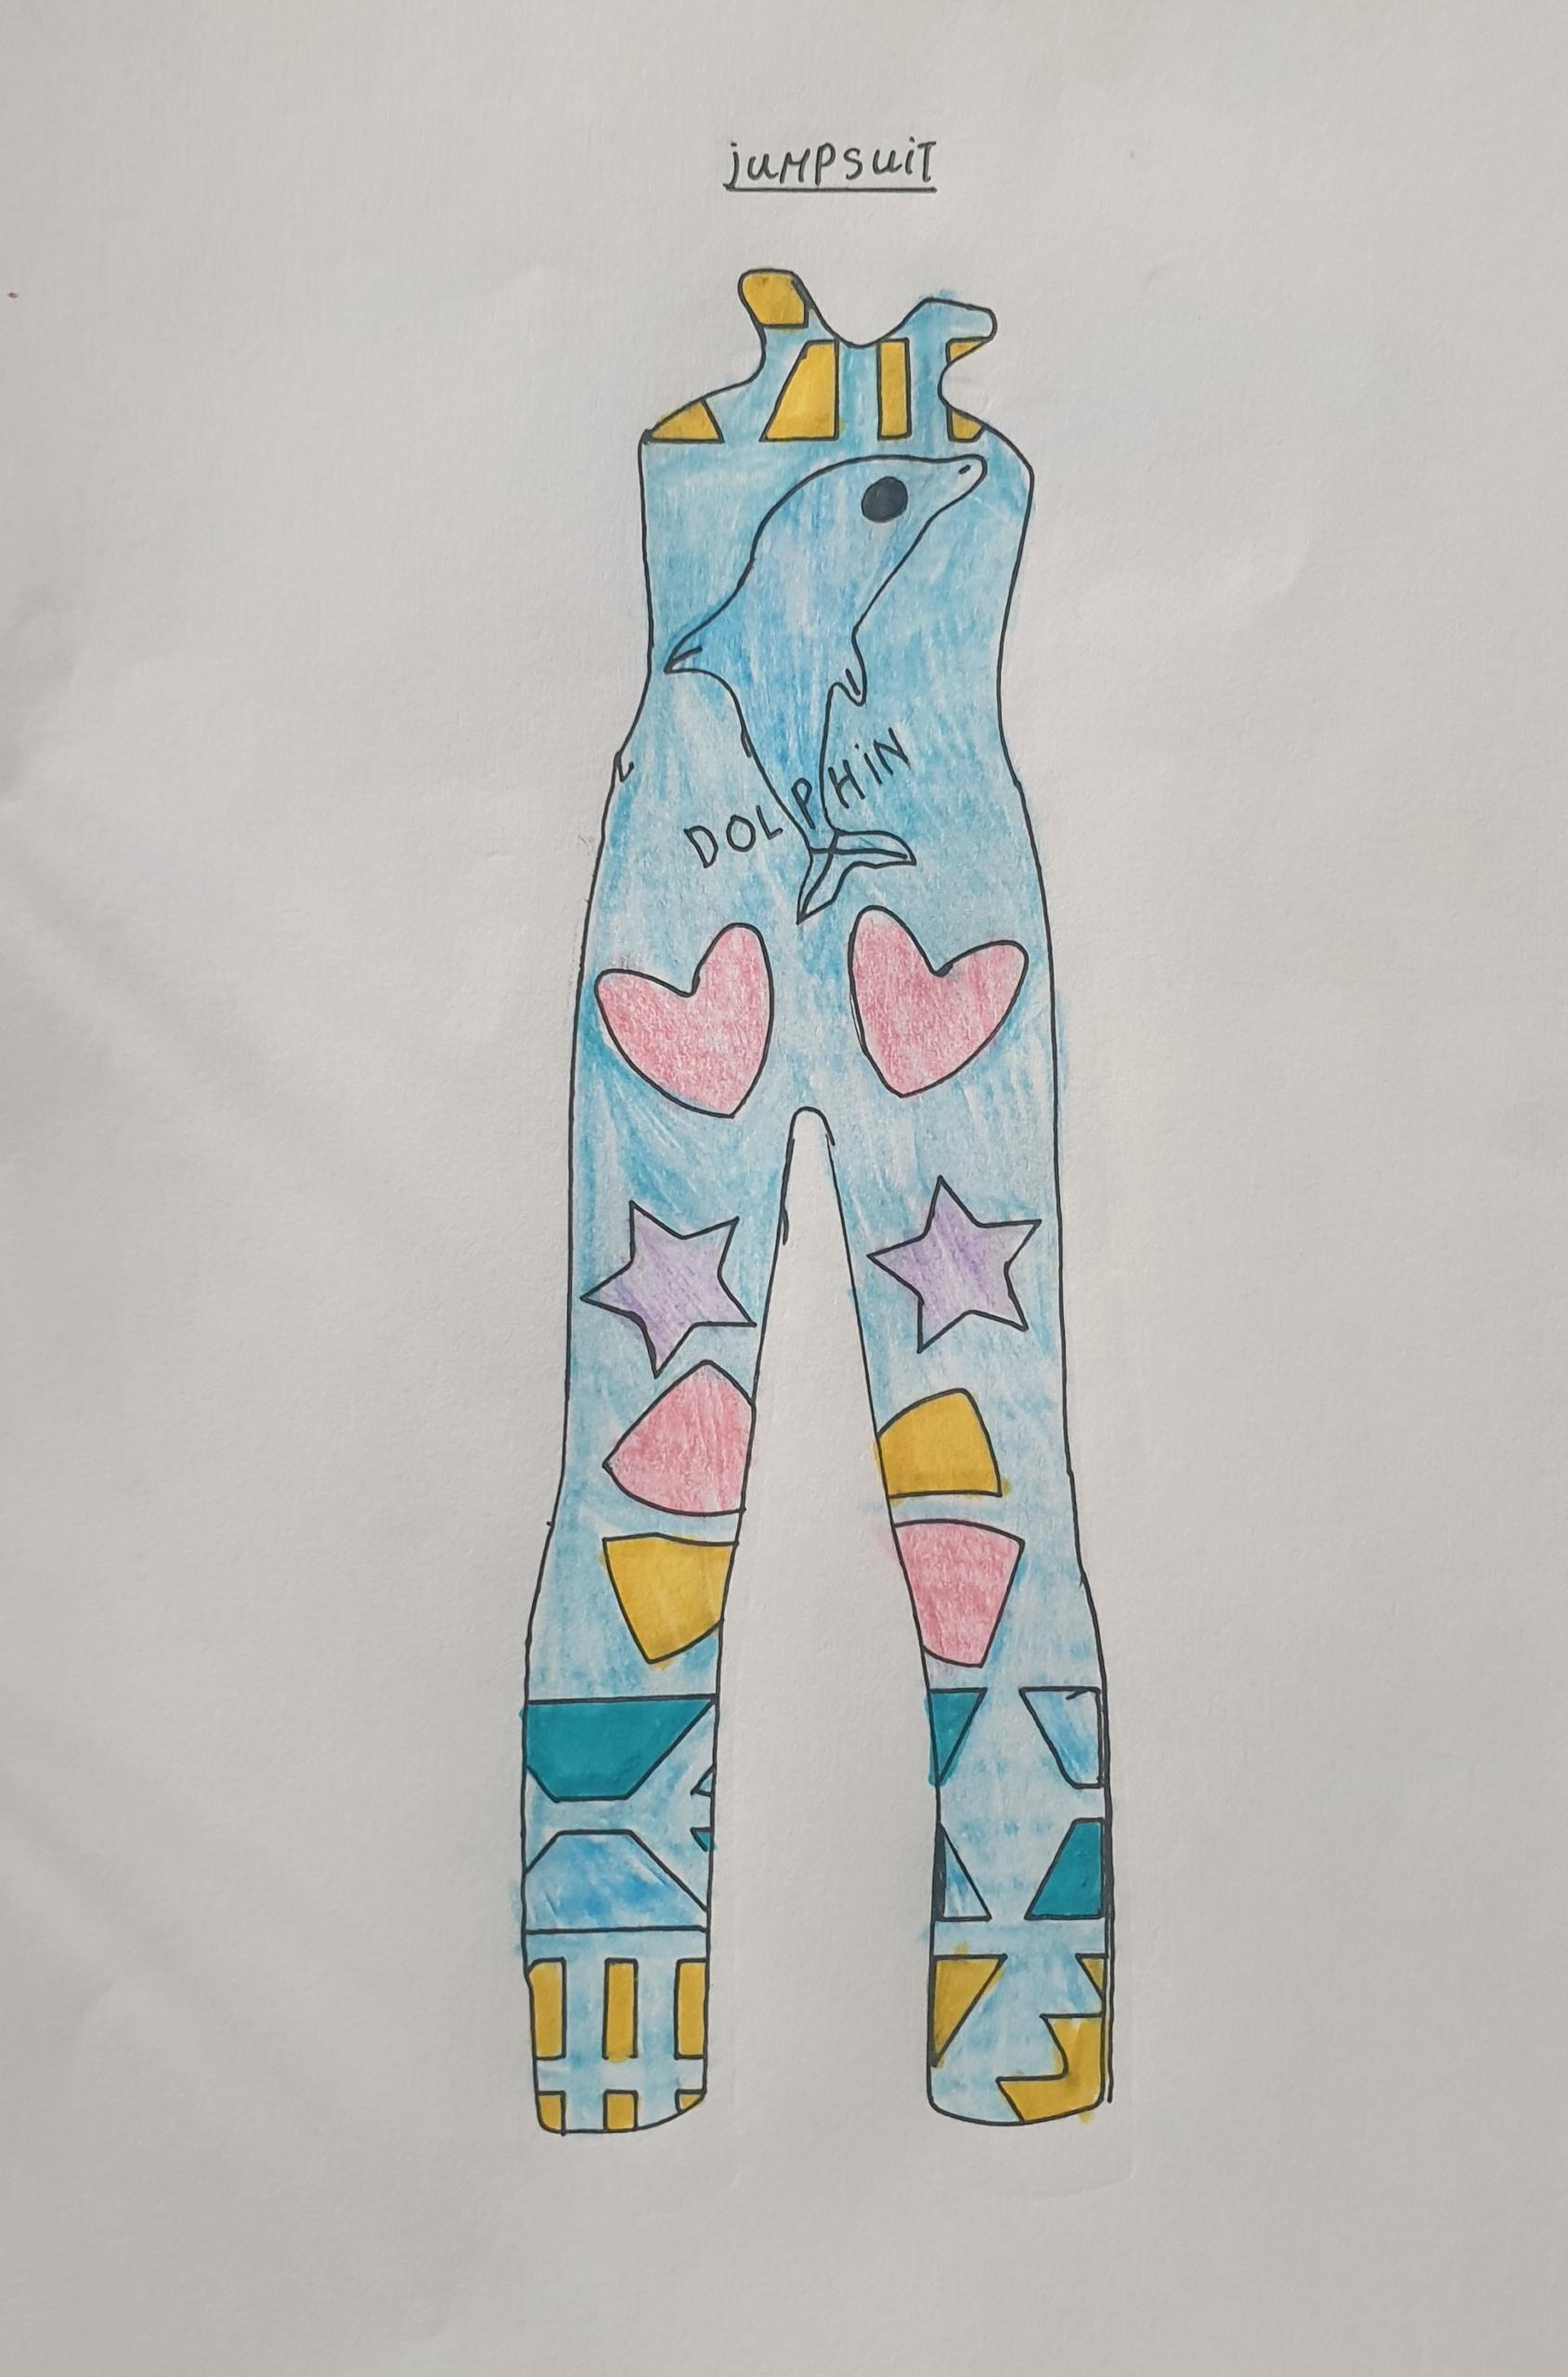 Sraddha P., 9 Jahre, aus Utrecht, Netherlands